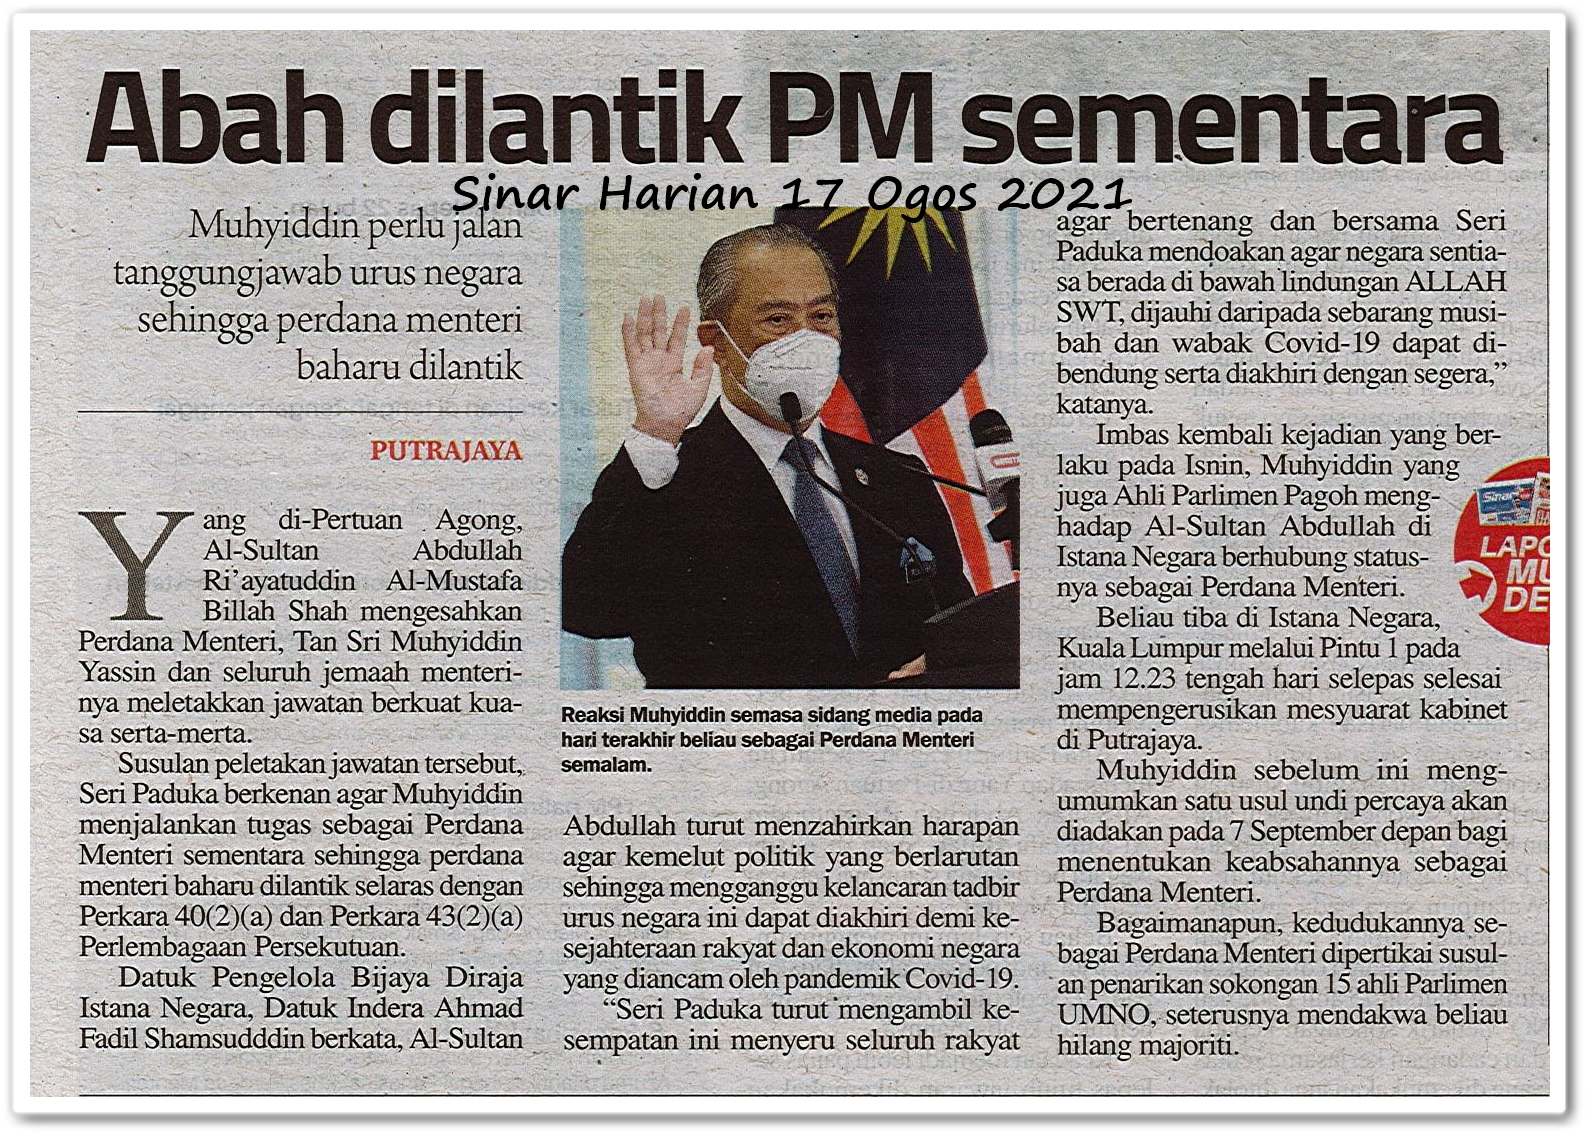 Abah dilantik PM sementara - Keratan akhbar Sinar Harian 17 Ogos 2021